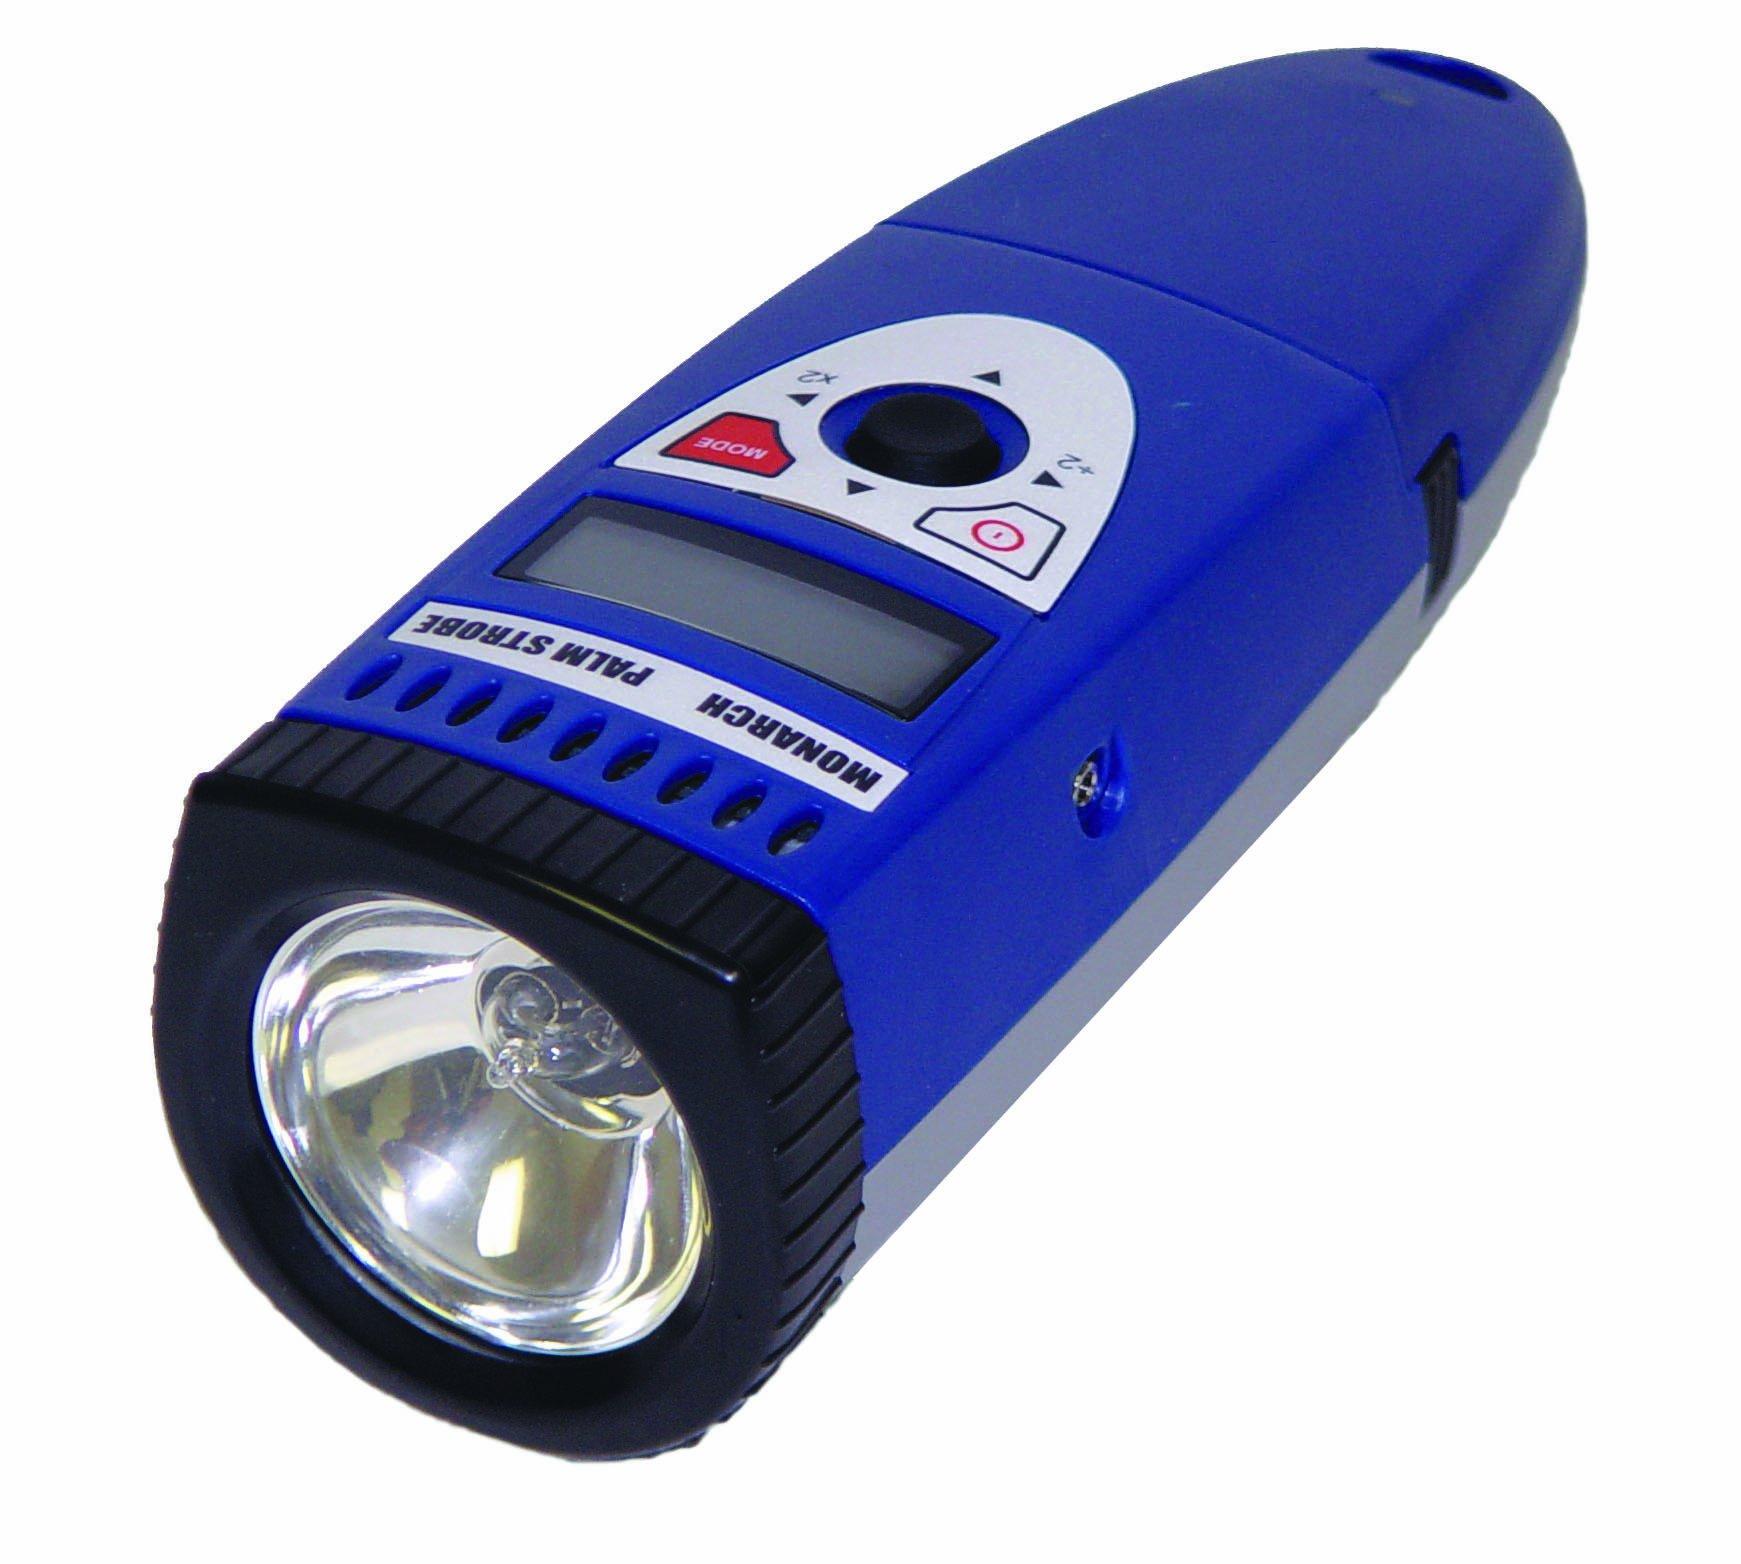 7.81 H x 9 L x 3.66 W Monarch Nova-Strobe BAX 115 Digital Portable Stroboscope